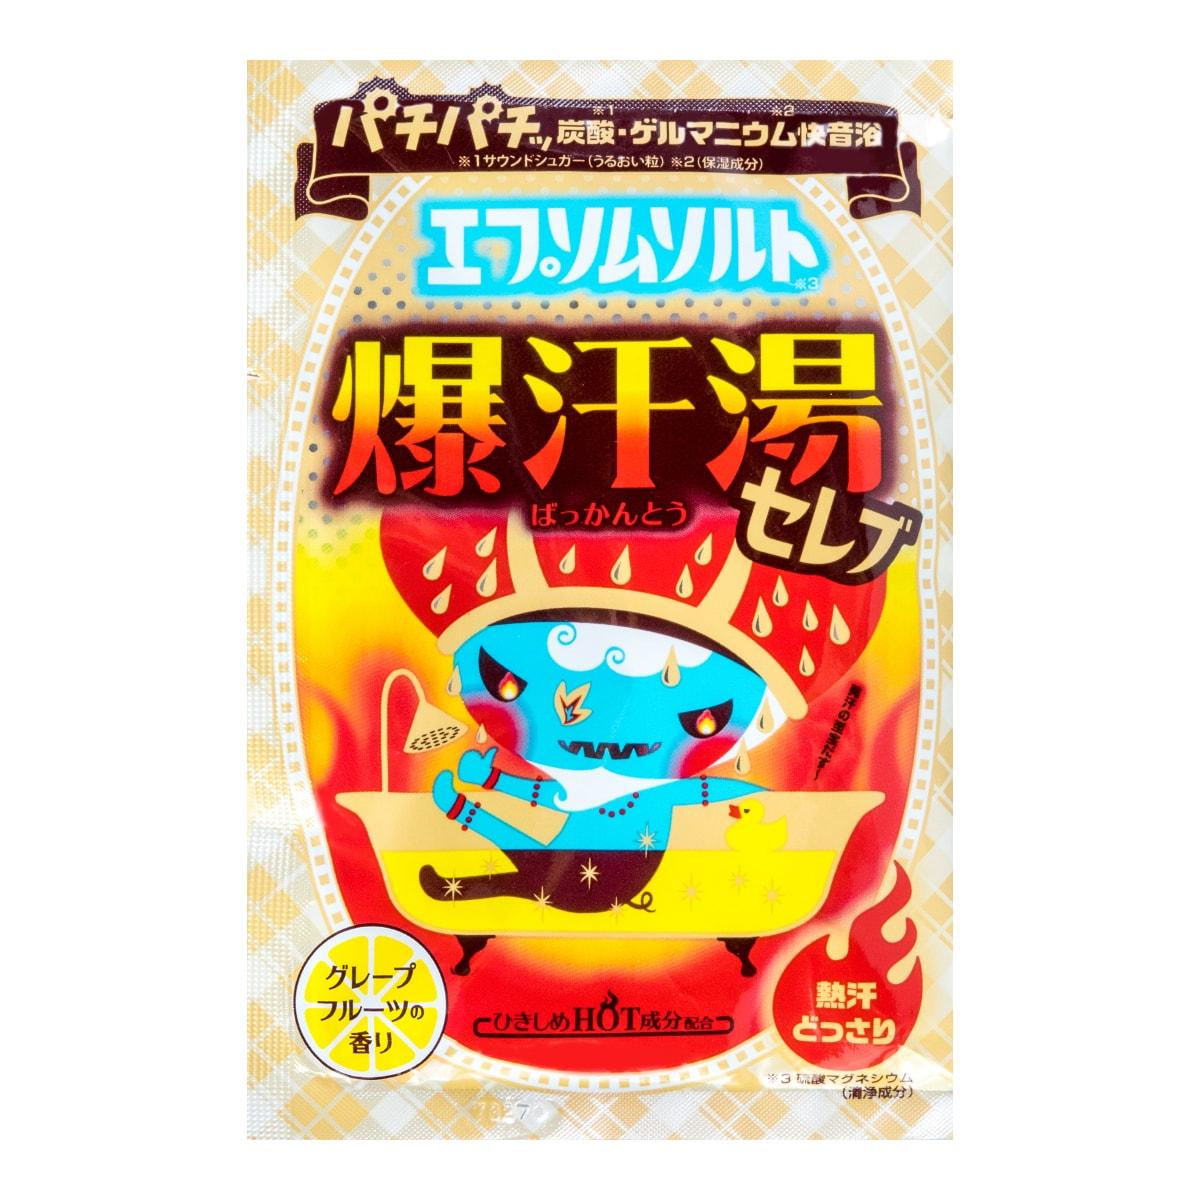 日本BISON 热感美肌爆汗汤 #葡萄柚味 60g